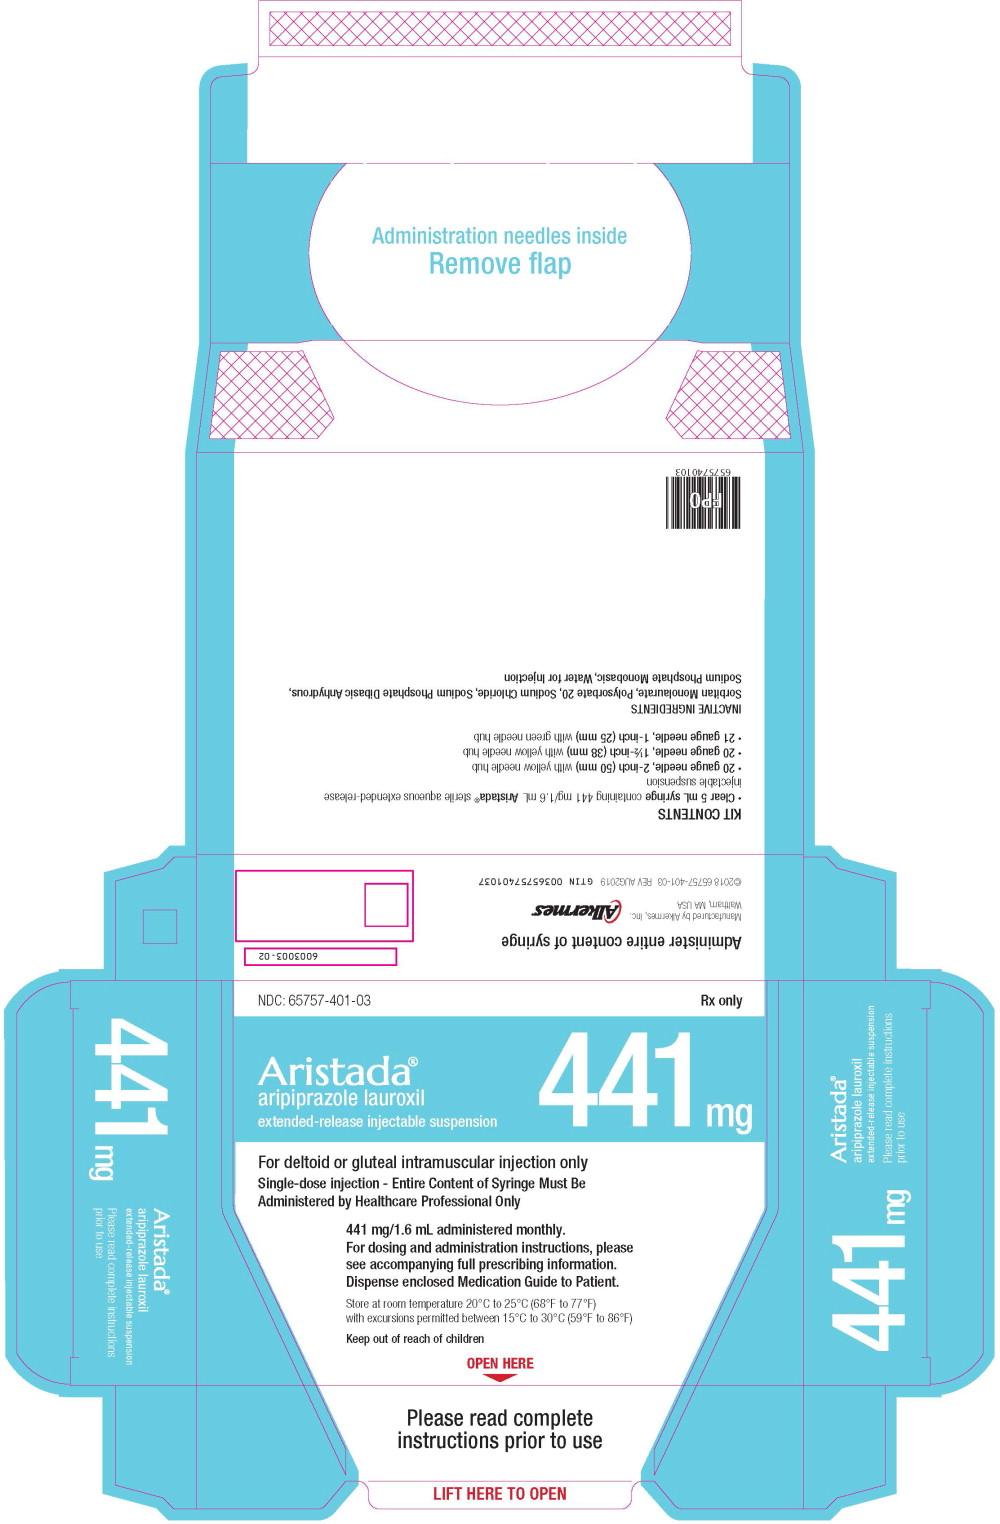 Principal Display Panel - 441 mg/1.6 mL Carton Label